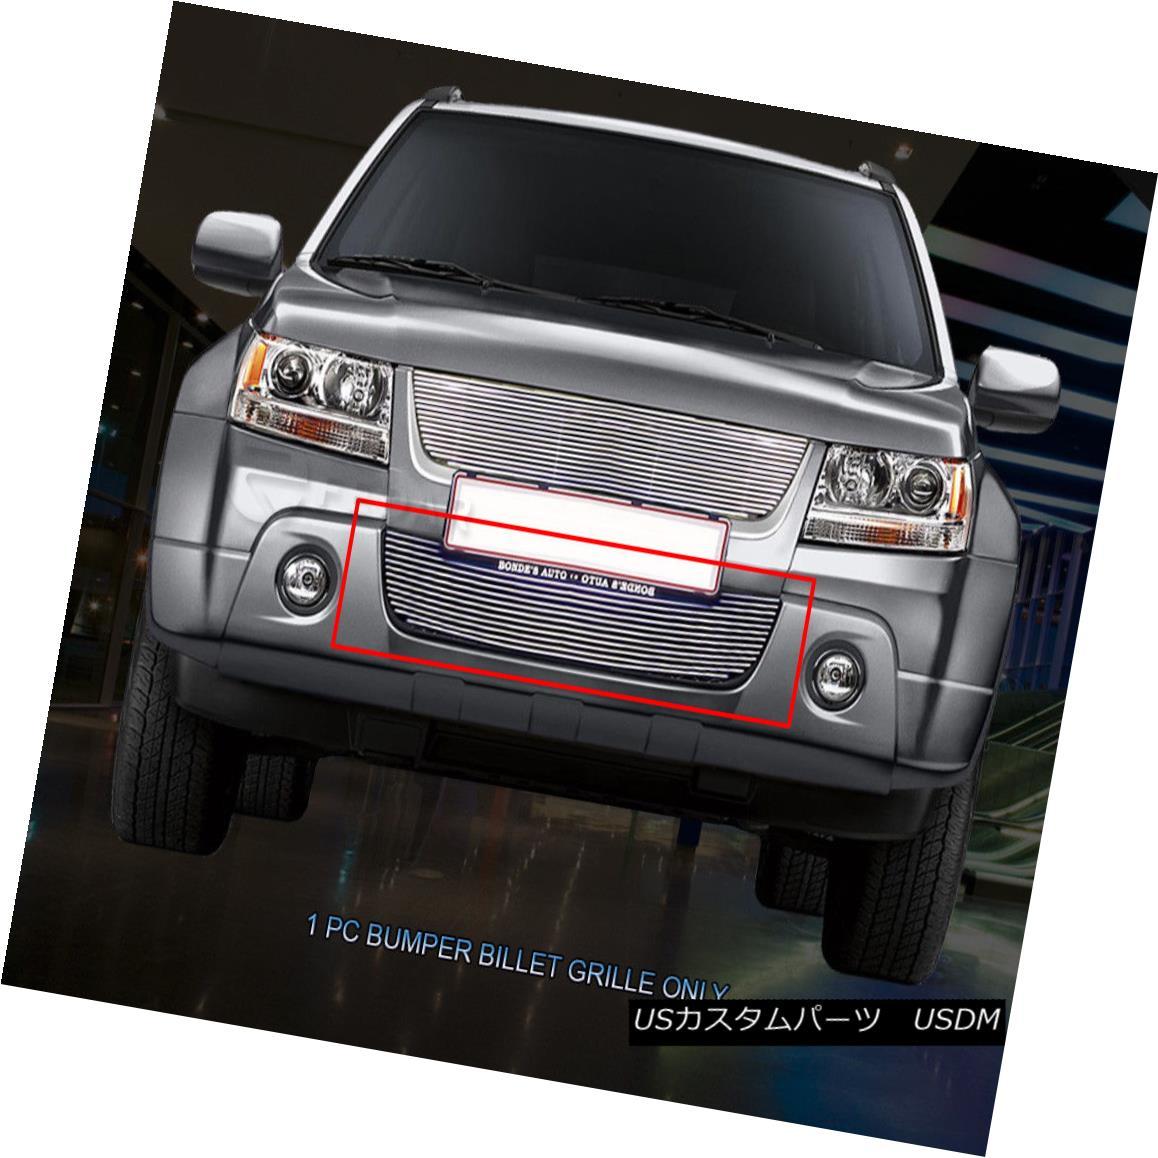 グリル Fedar Fits 2006-2012 Suzuki Grand Vitara Polished Billet Grille Insert Fedar Fits 2006-2012スズキグランドビタラポリッシュビレットグリルインサート